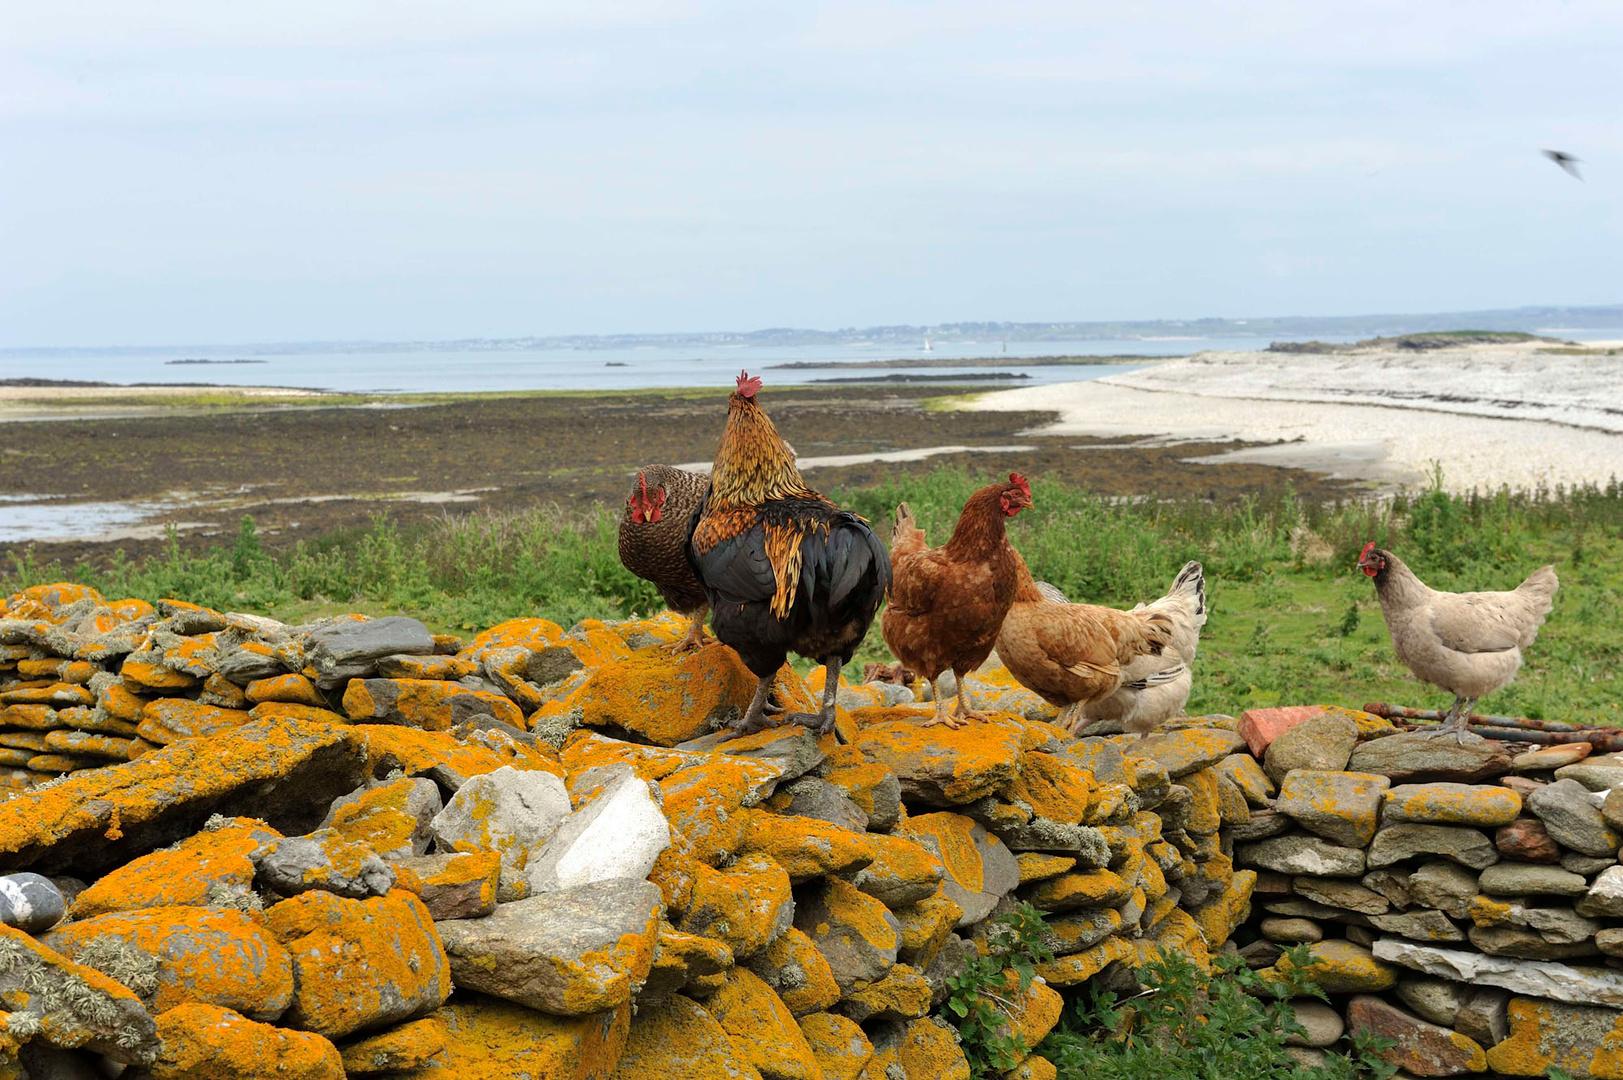 Heureux gallinacés qui, libres comme l'air, ne sont là que pour le fun et...les oeufs!